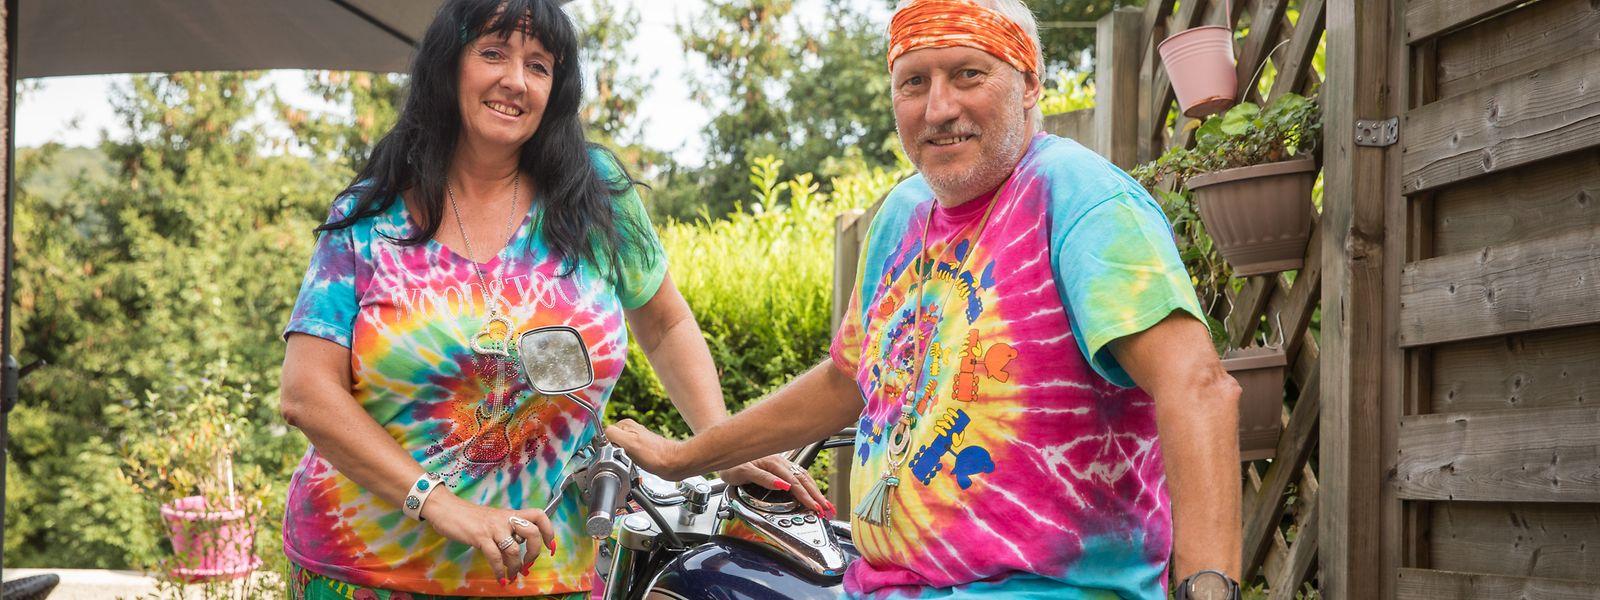 Jo und Jeannot Antinori haben sich in der amerikanischen Stadt Bethel auf die Spuren des Woodstock-Festivals gemacht. Für Jeannot Antinori ging damit ein Lebenstraum in Erfüllung.